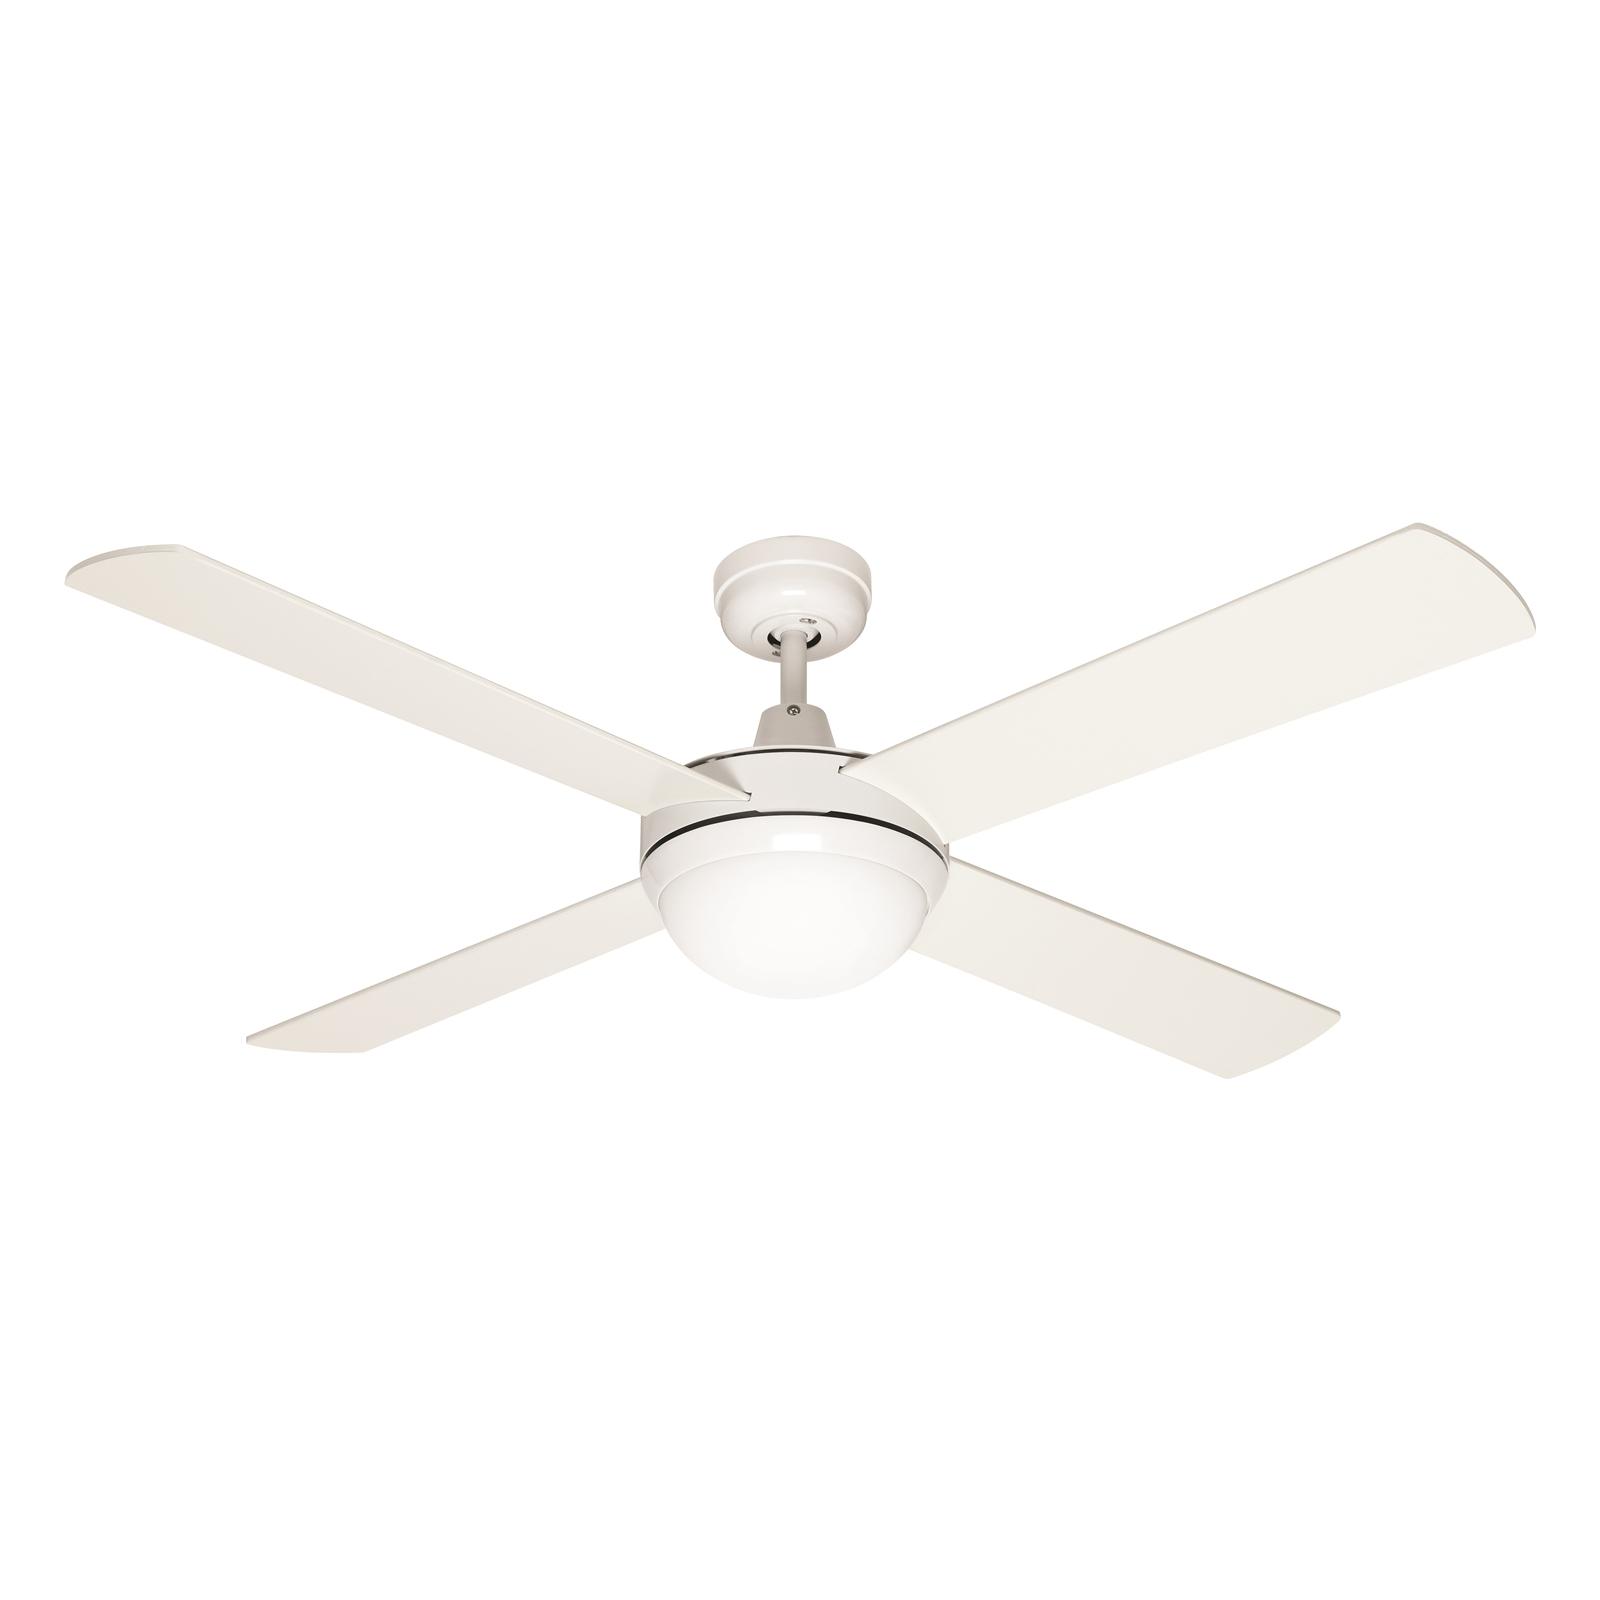 Mercator 130cm White 4 Blade Grange Ceiling Fan With Light